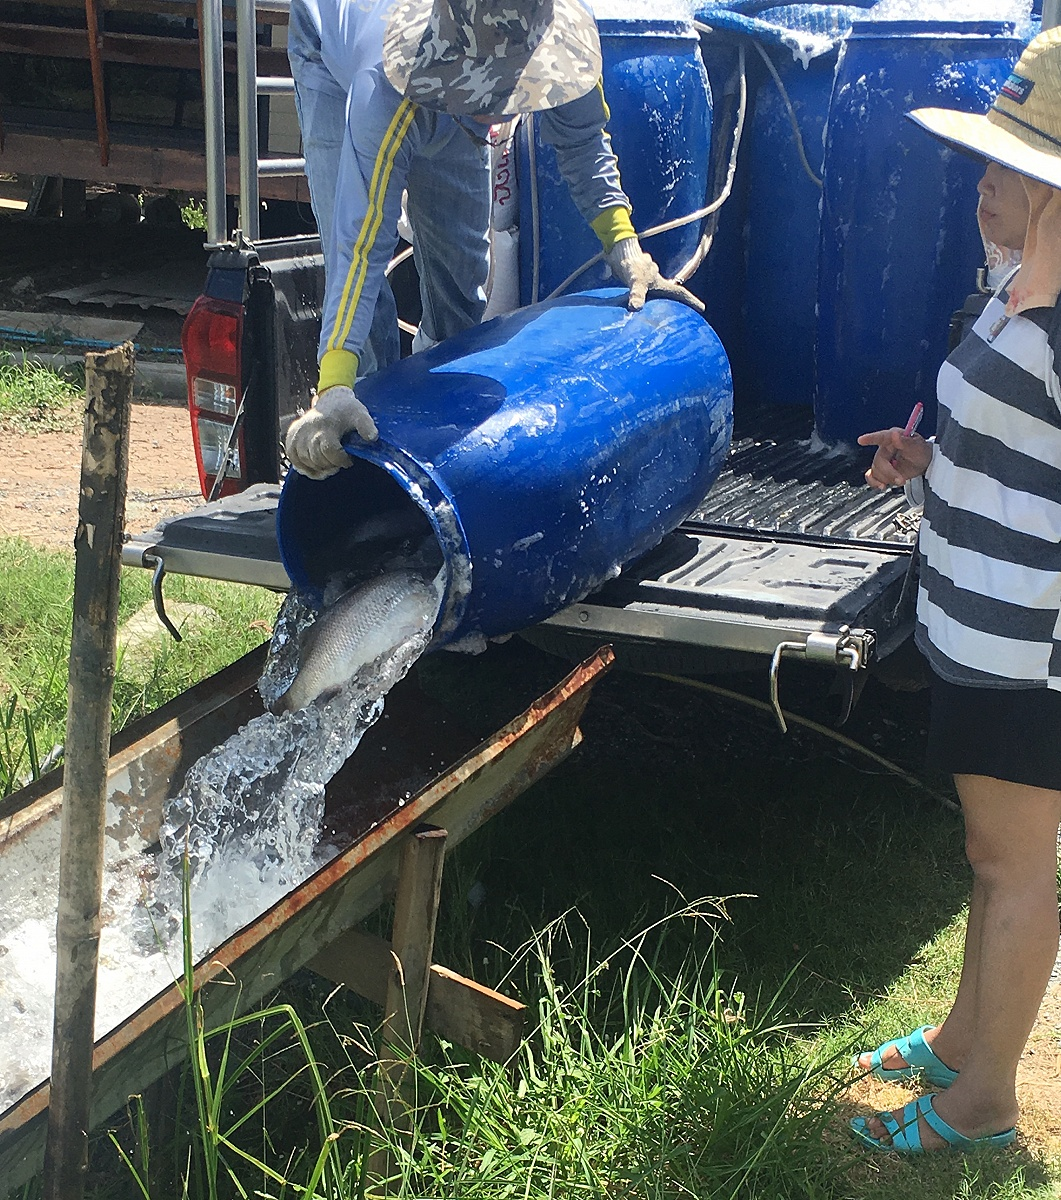 28/9/60ปลาใหม่ 300 โล บ่อตกปลากระพงและสนามกีฬาชนไก่ลาดหลุมแก้ว